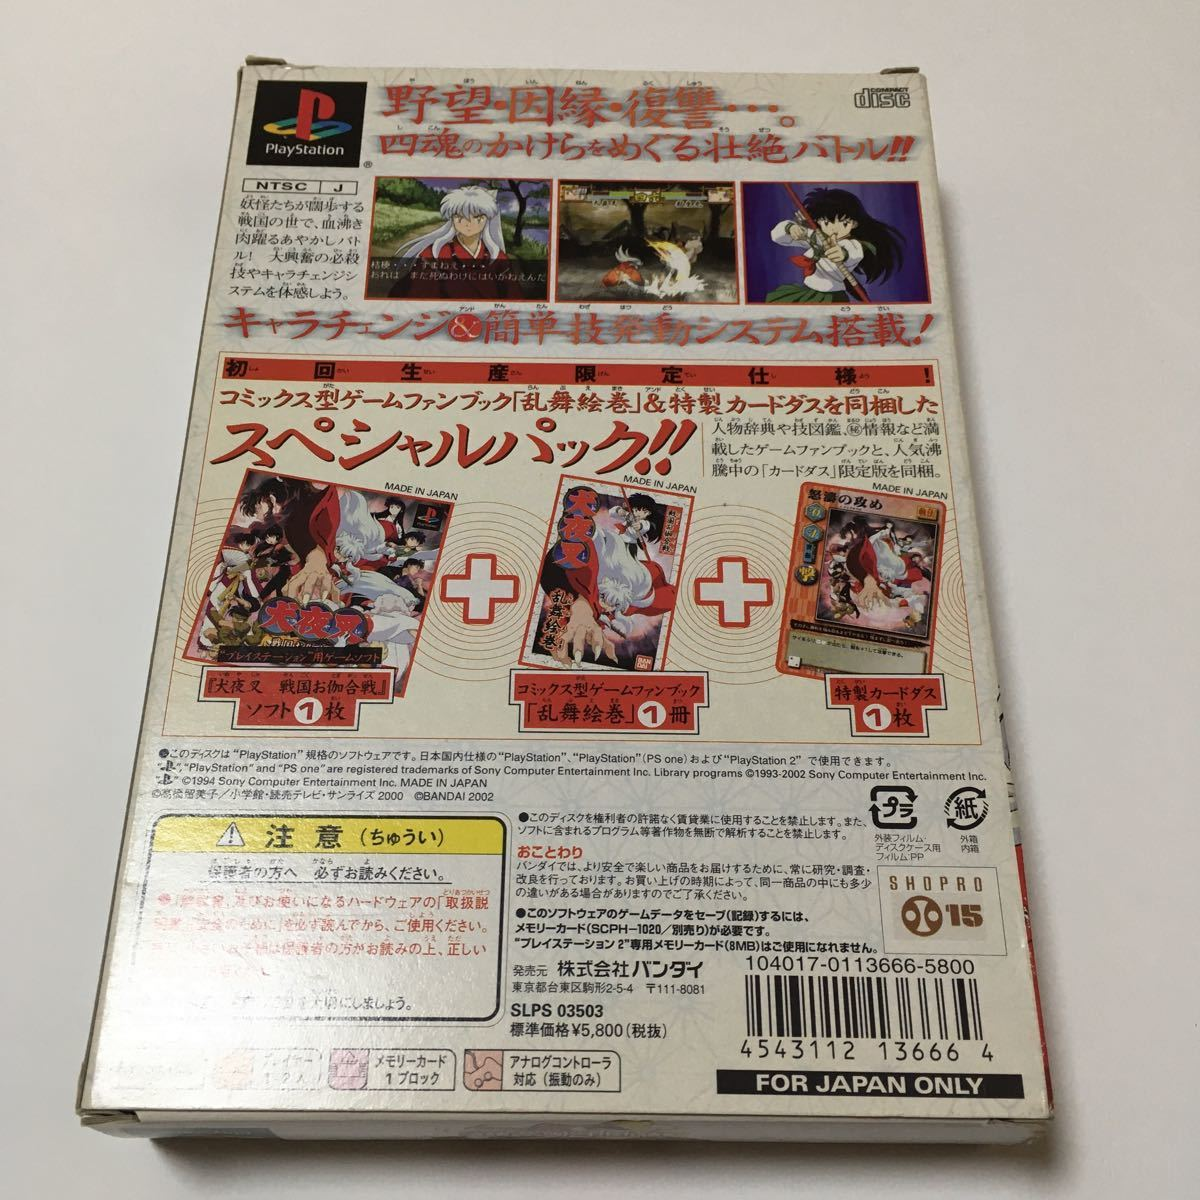 プレイステーション ソフト 犬夜叉 戦国お伽合戦 動作確認済み バンダイ 初回生産 PlayStation プレステ ゲーム